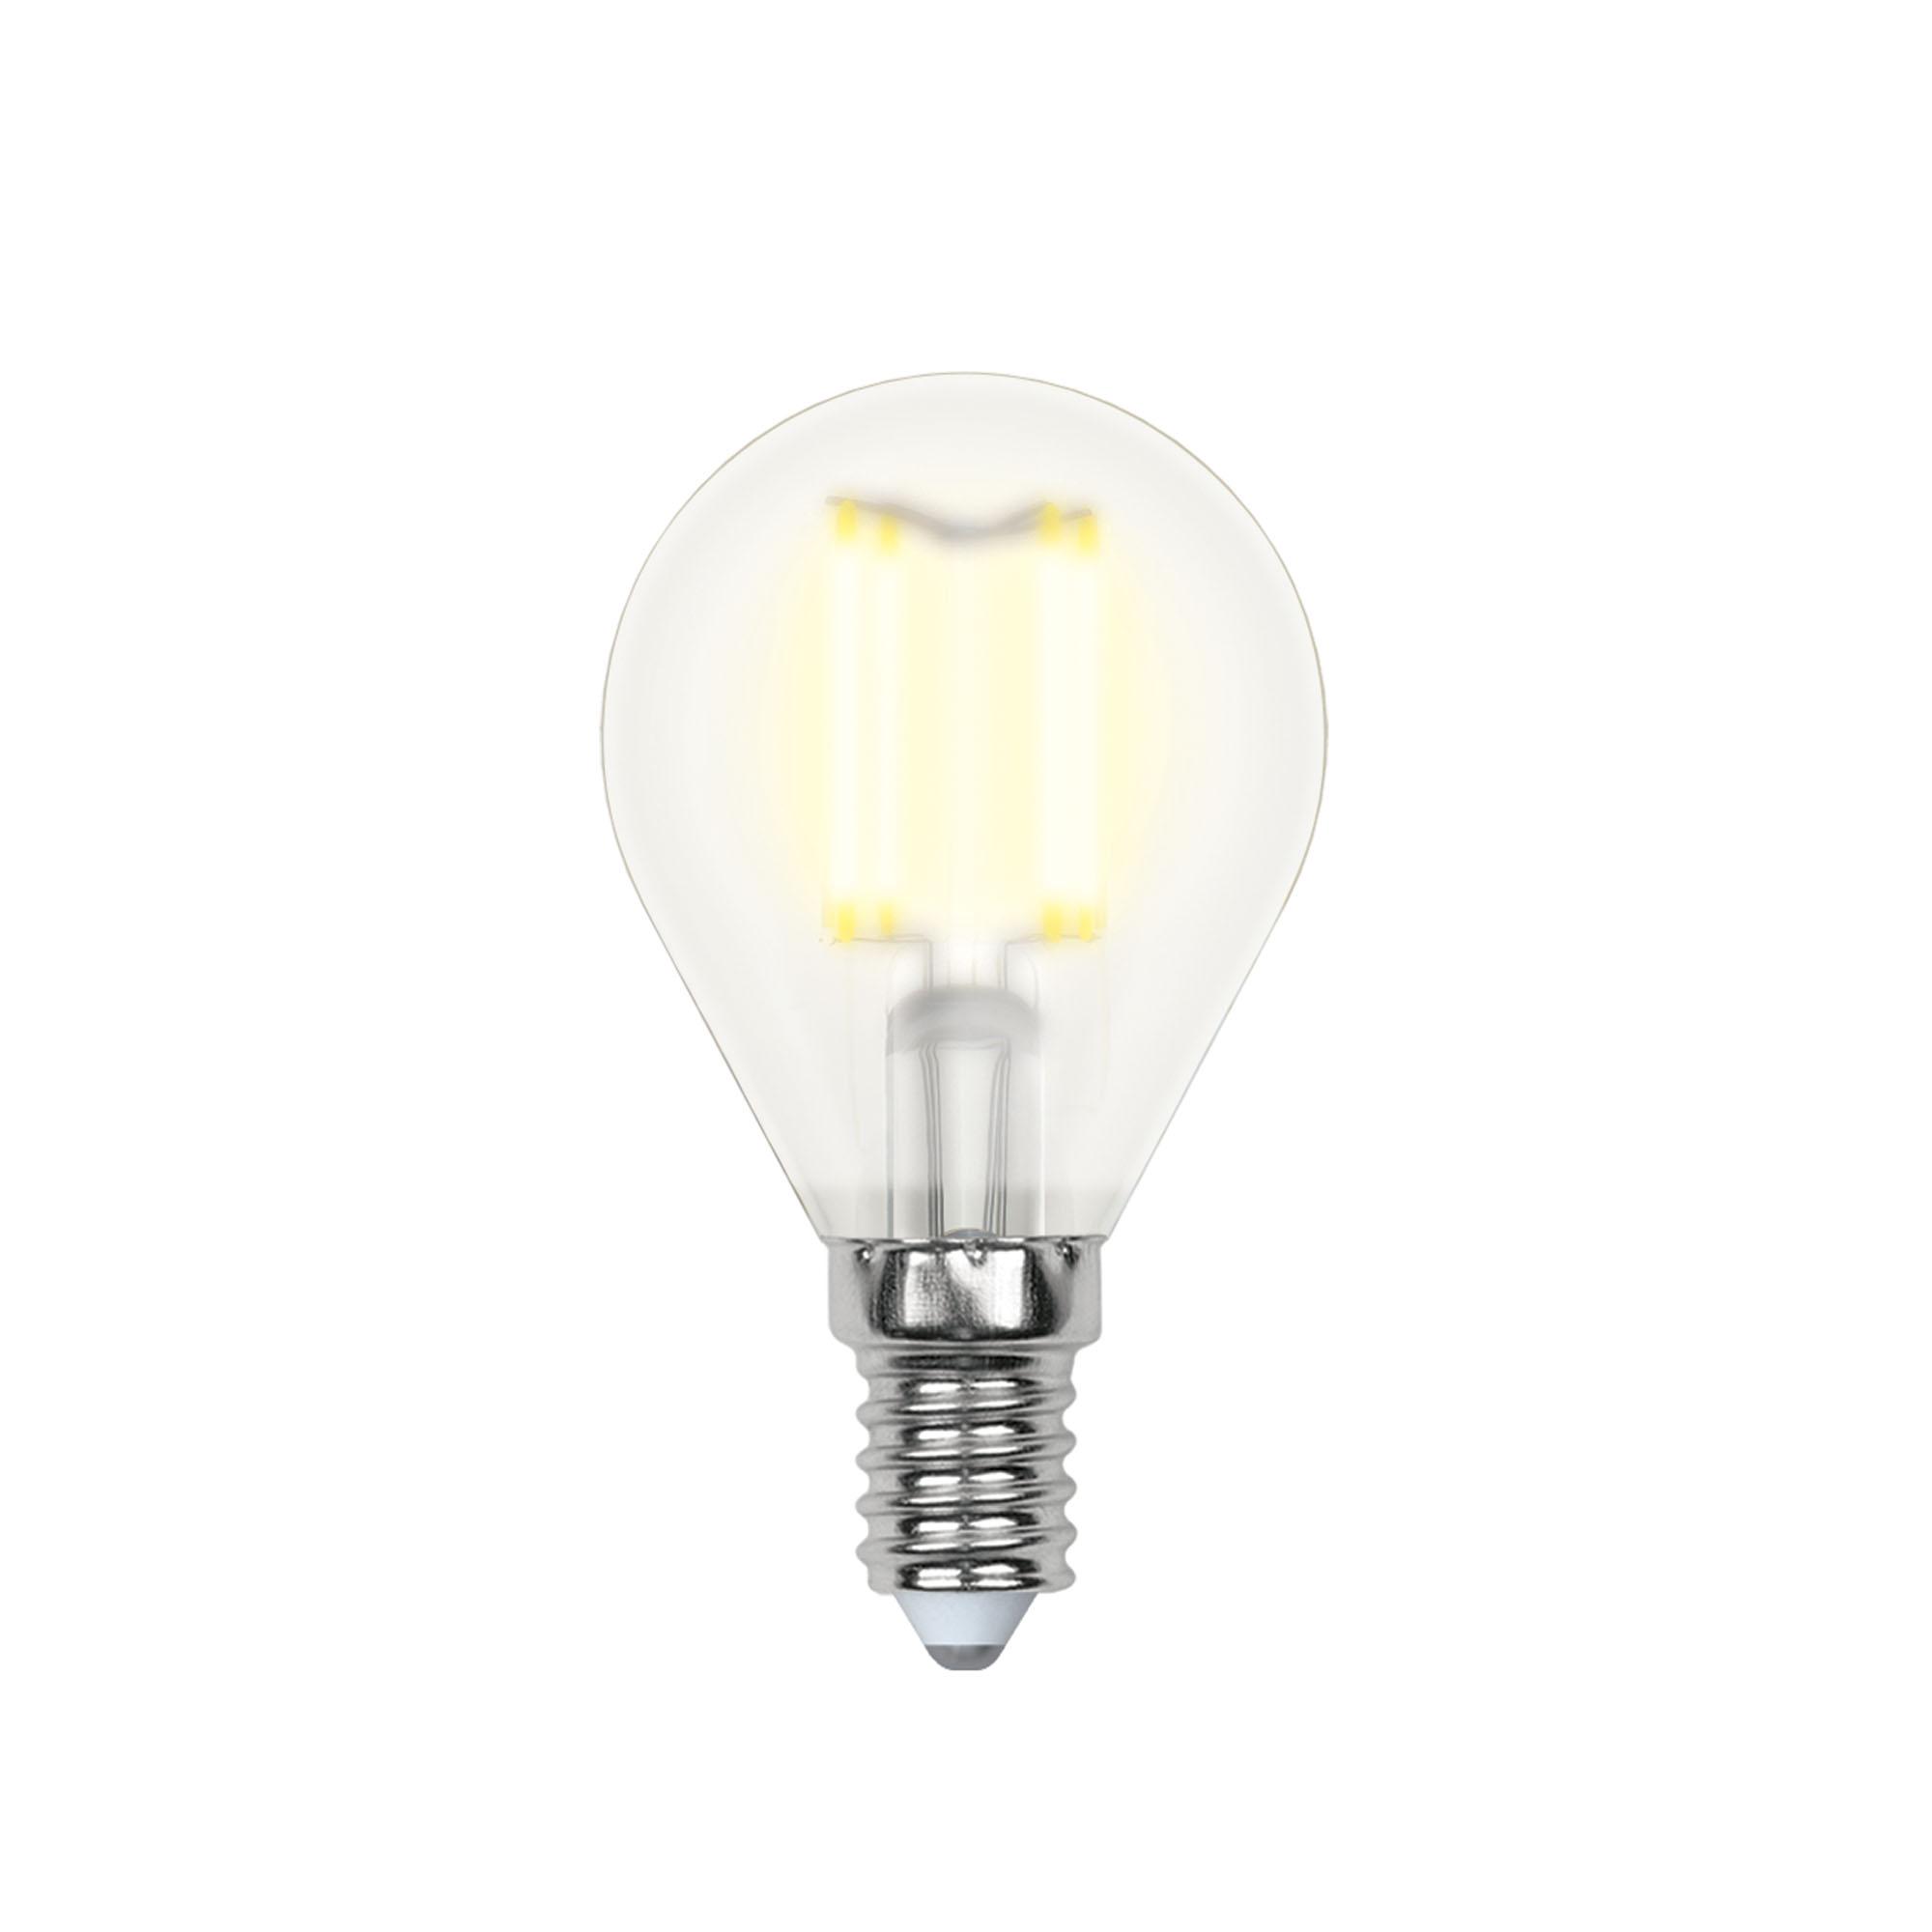 Лампа светодиодная Uniel Led-g45-6w/ww/e14/fr pls02wh 10шт uniel лампа светодиодная 08137 e14 6w 3000k свеча на ветру матовая led cw37 6w ww e14 fr alm01wh